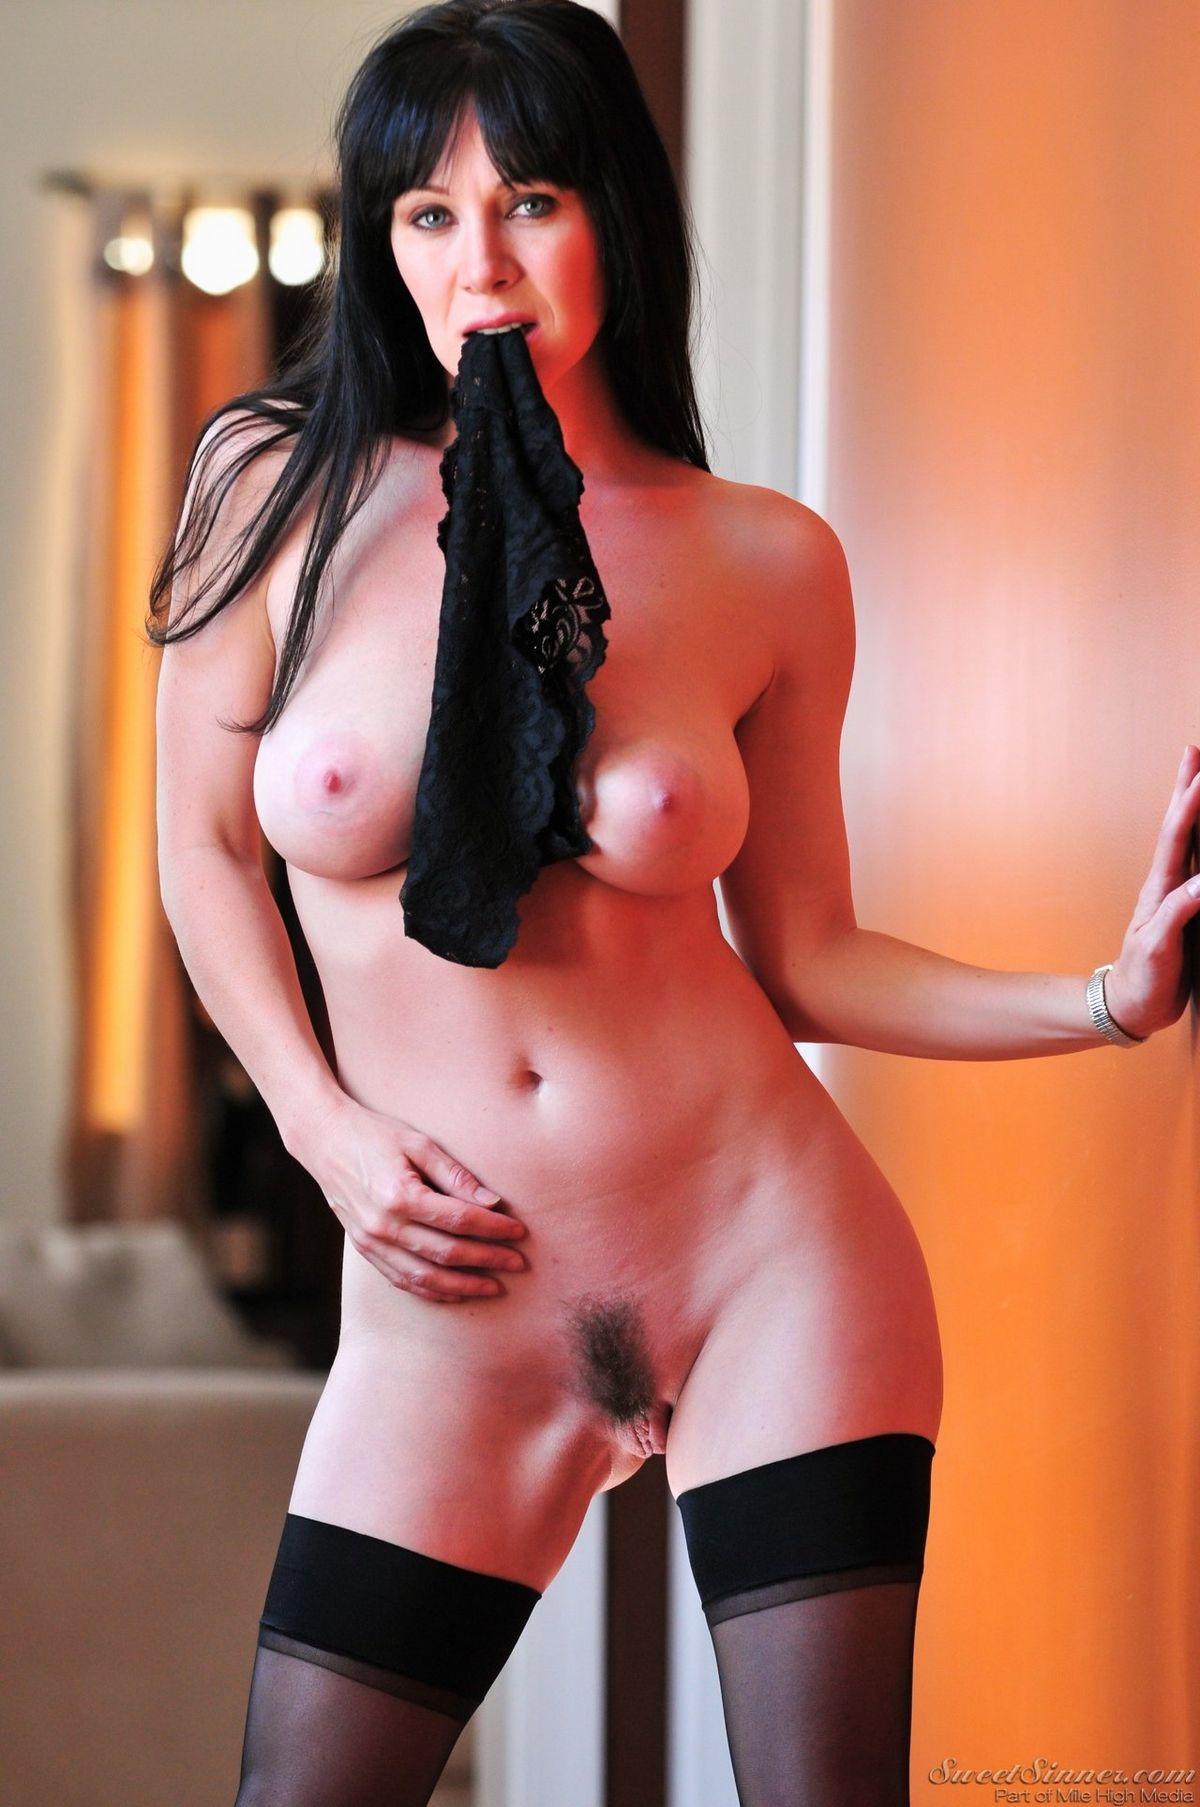 Сексуальная брюнетка эротично разделась и готова удовлетворить мужчину